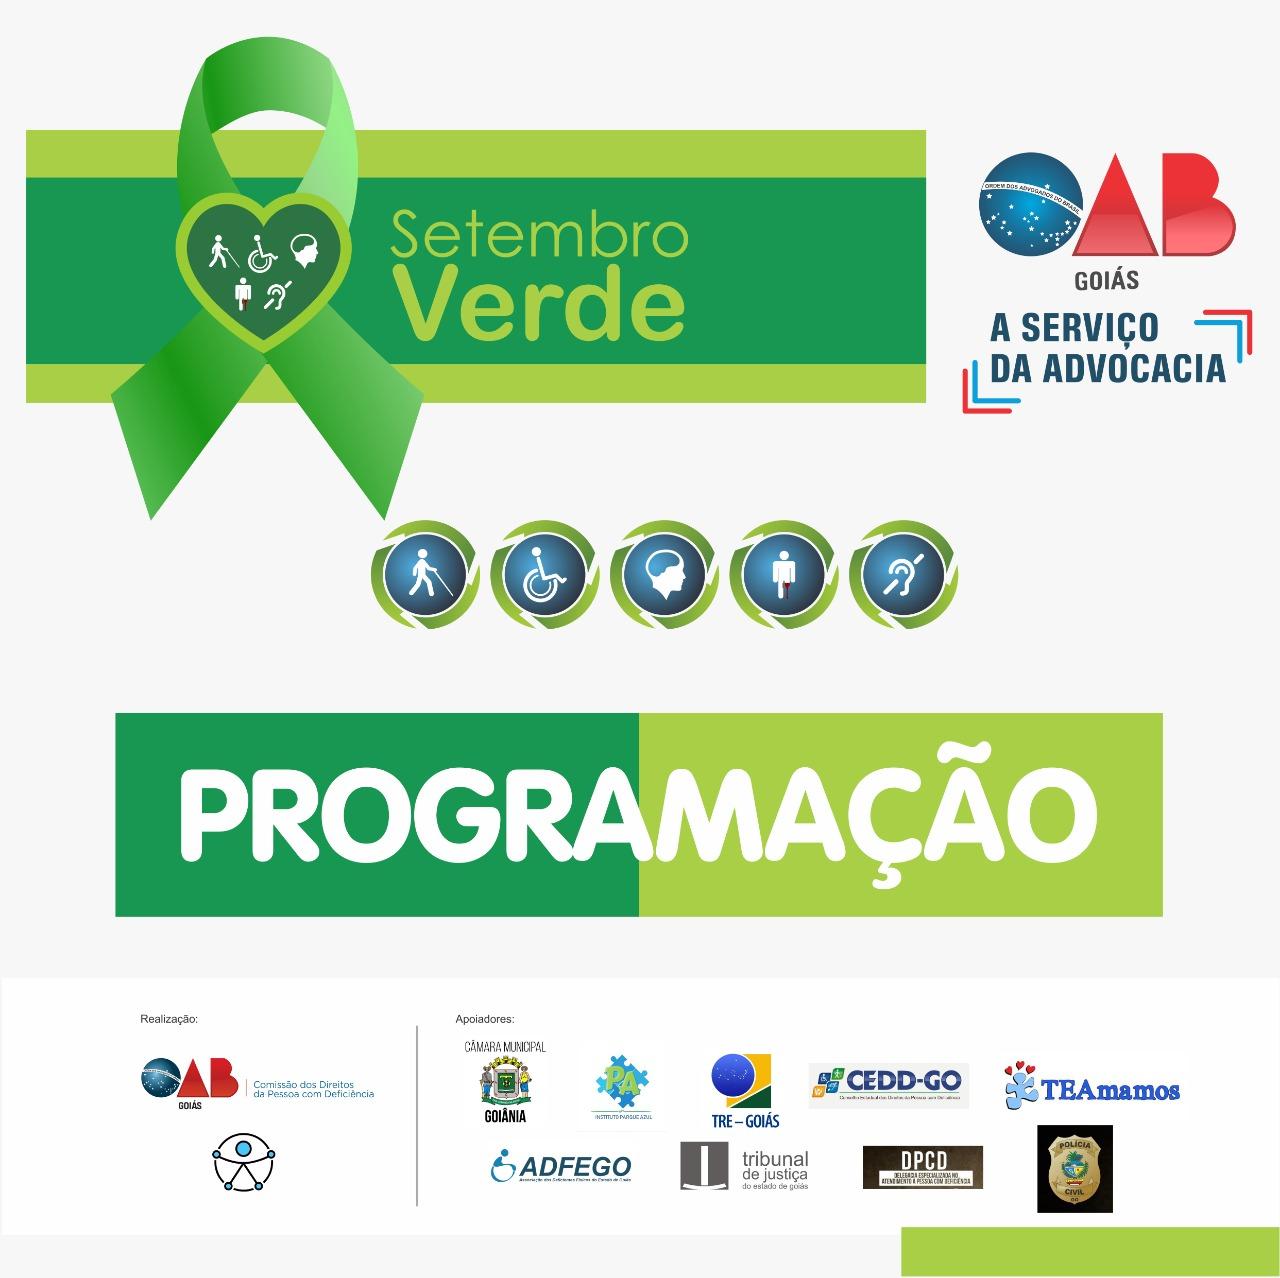 01.09 - Programação Setembro Verde